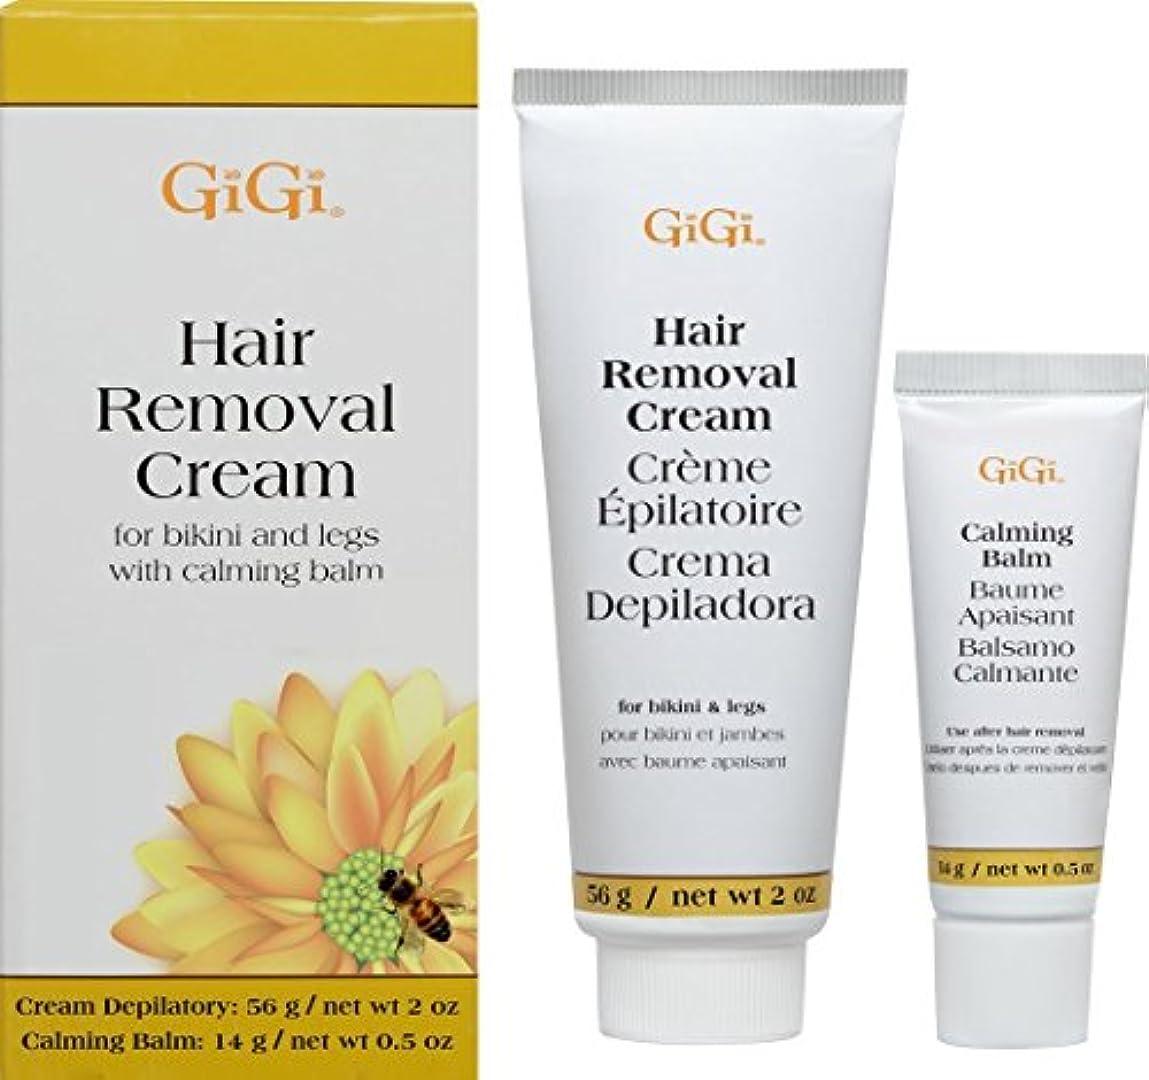 雲ステレオタイプ約設定(1) - Gigi Hair Removal Cream W/Balm For Bikini & Legs